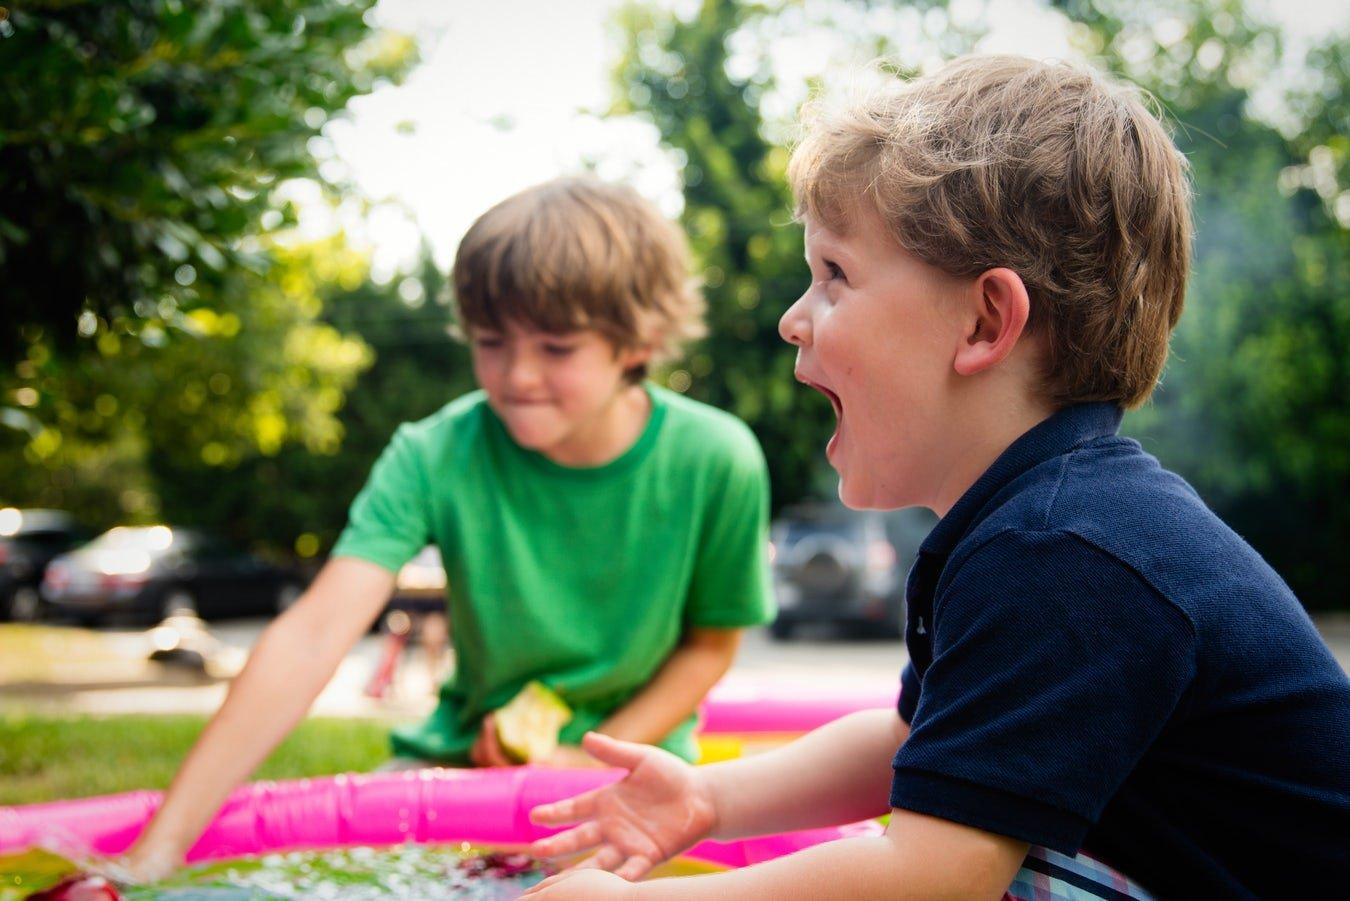 Ce poti face pentru a gestiona conflictele intre frati